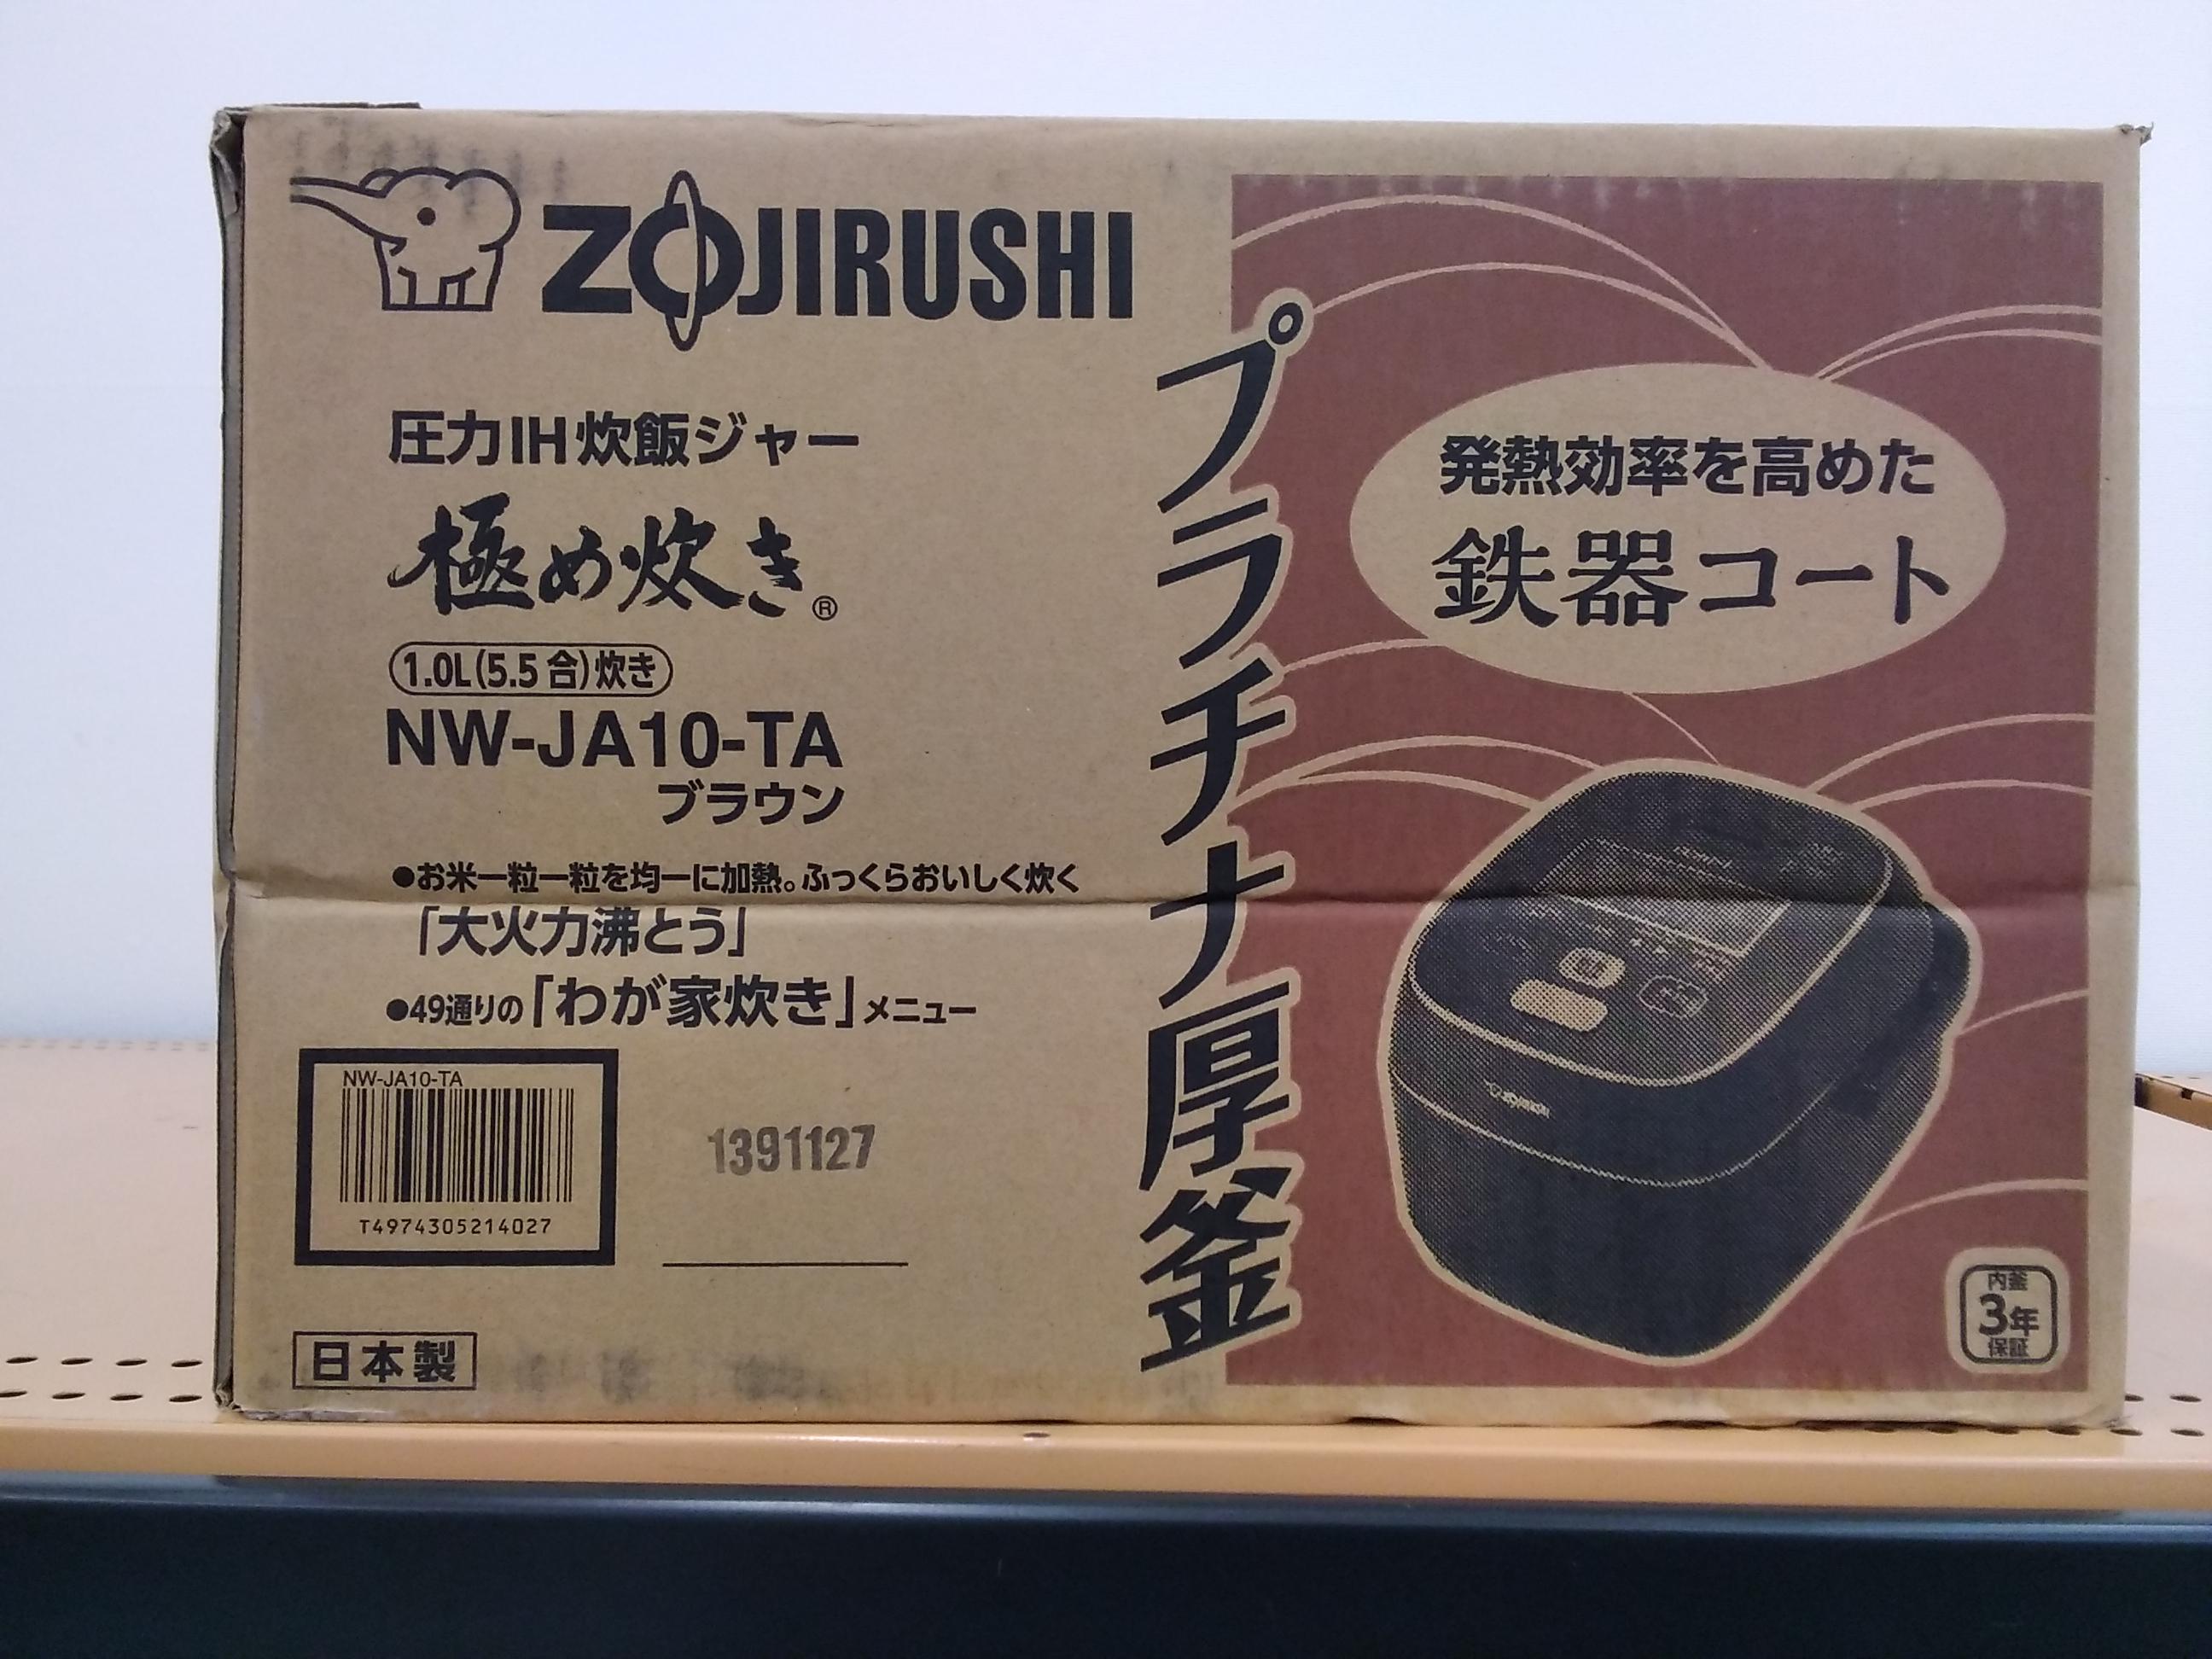 圧力IH炊飯ジャー 極め炊き 5.5合炊き|ZOJIRUSHI